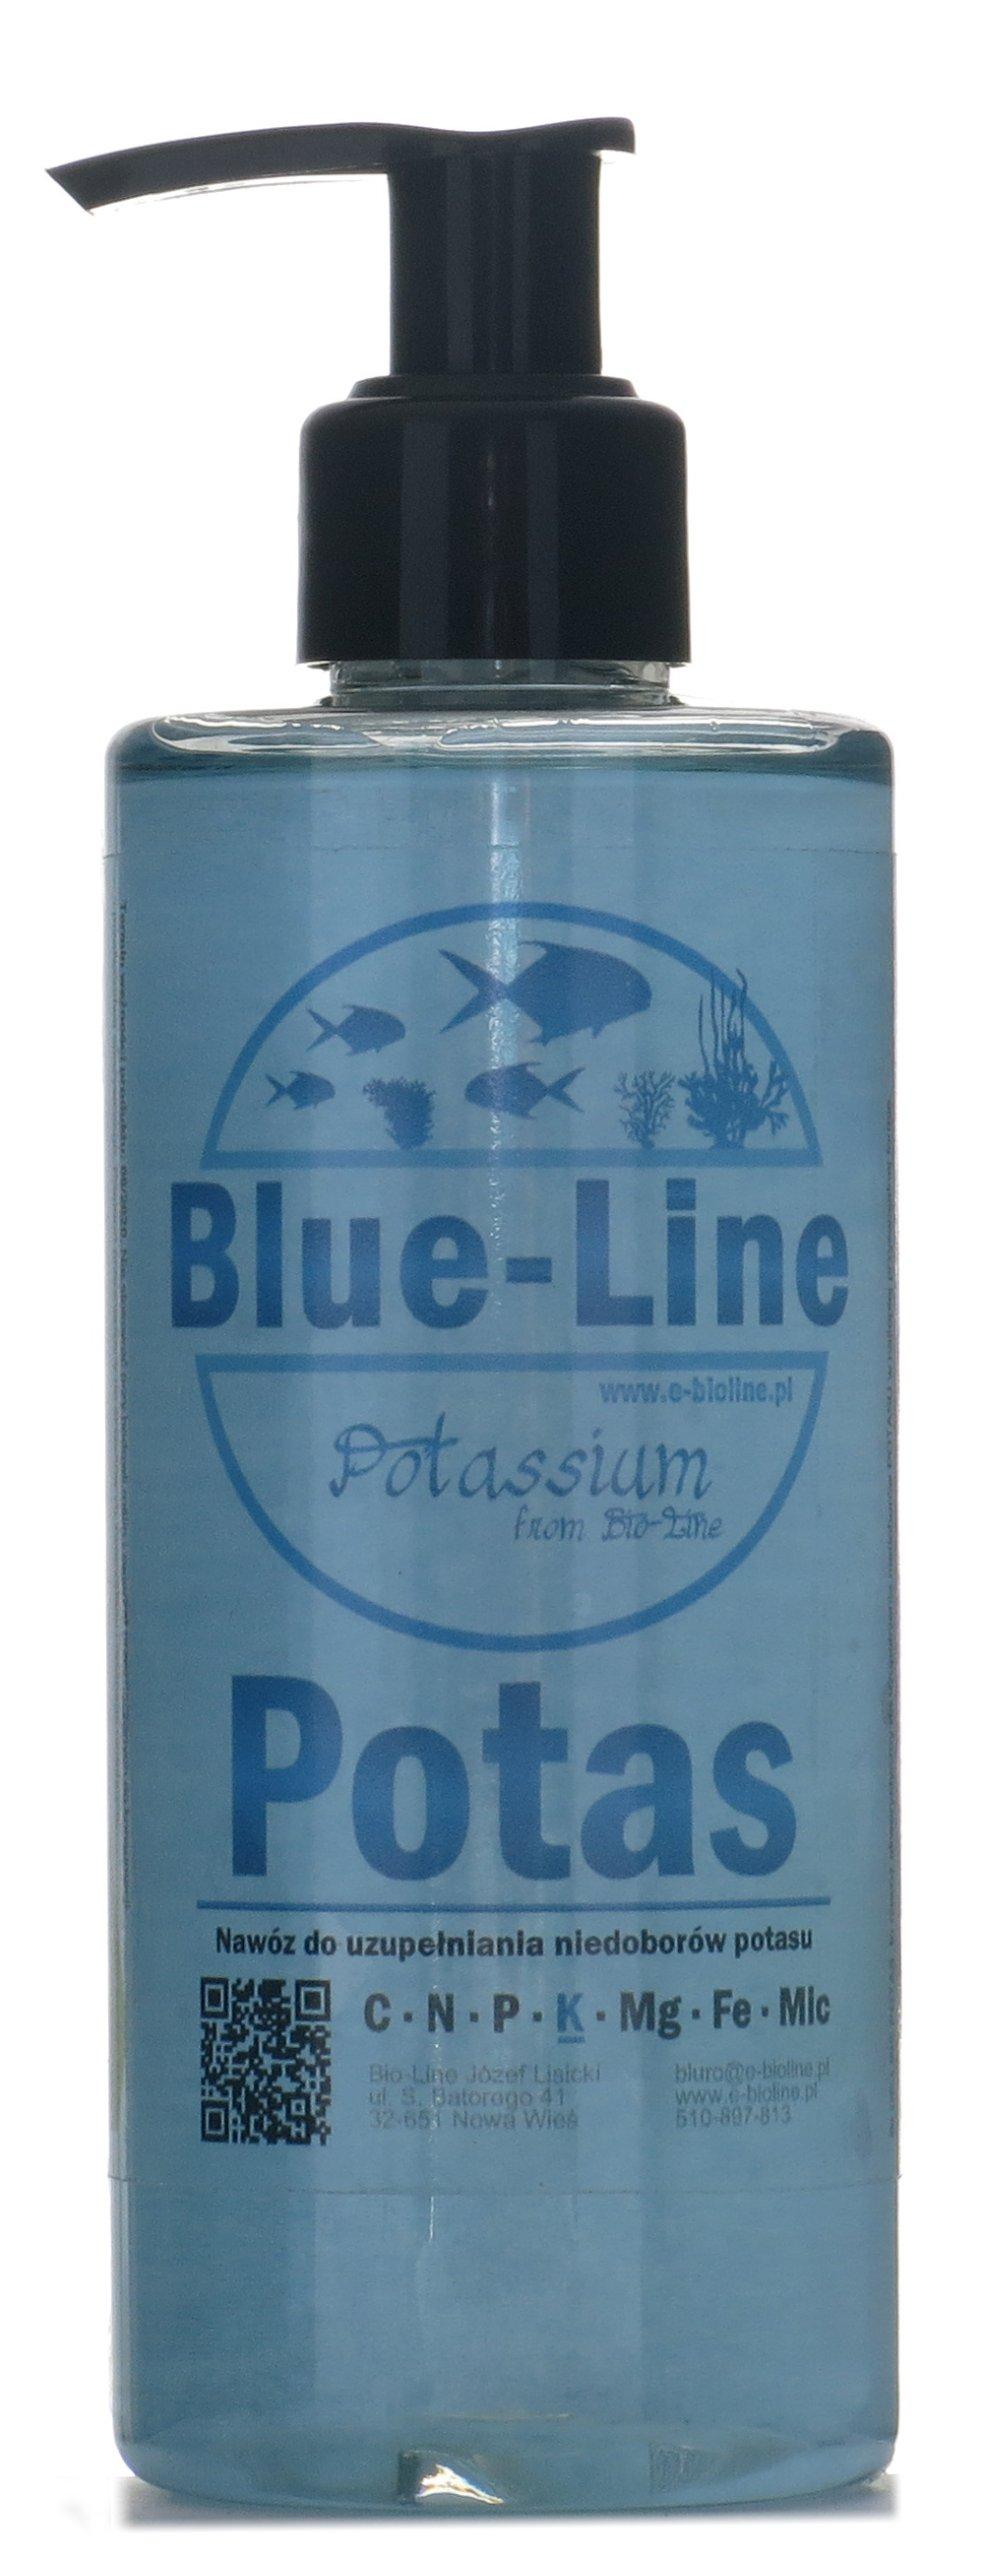 Удобрение калия от Blue-Line - чистый КАЛИЙ 500 мл